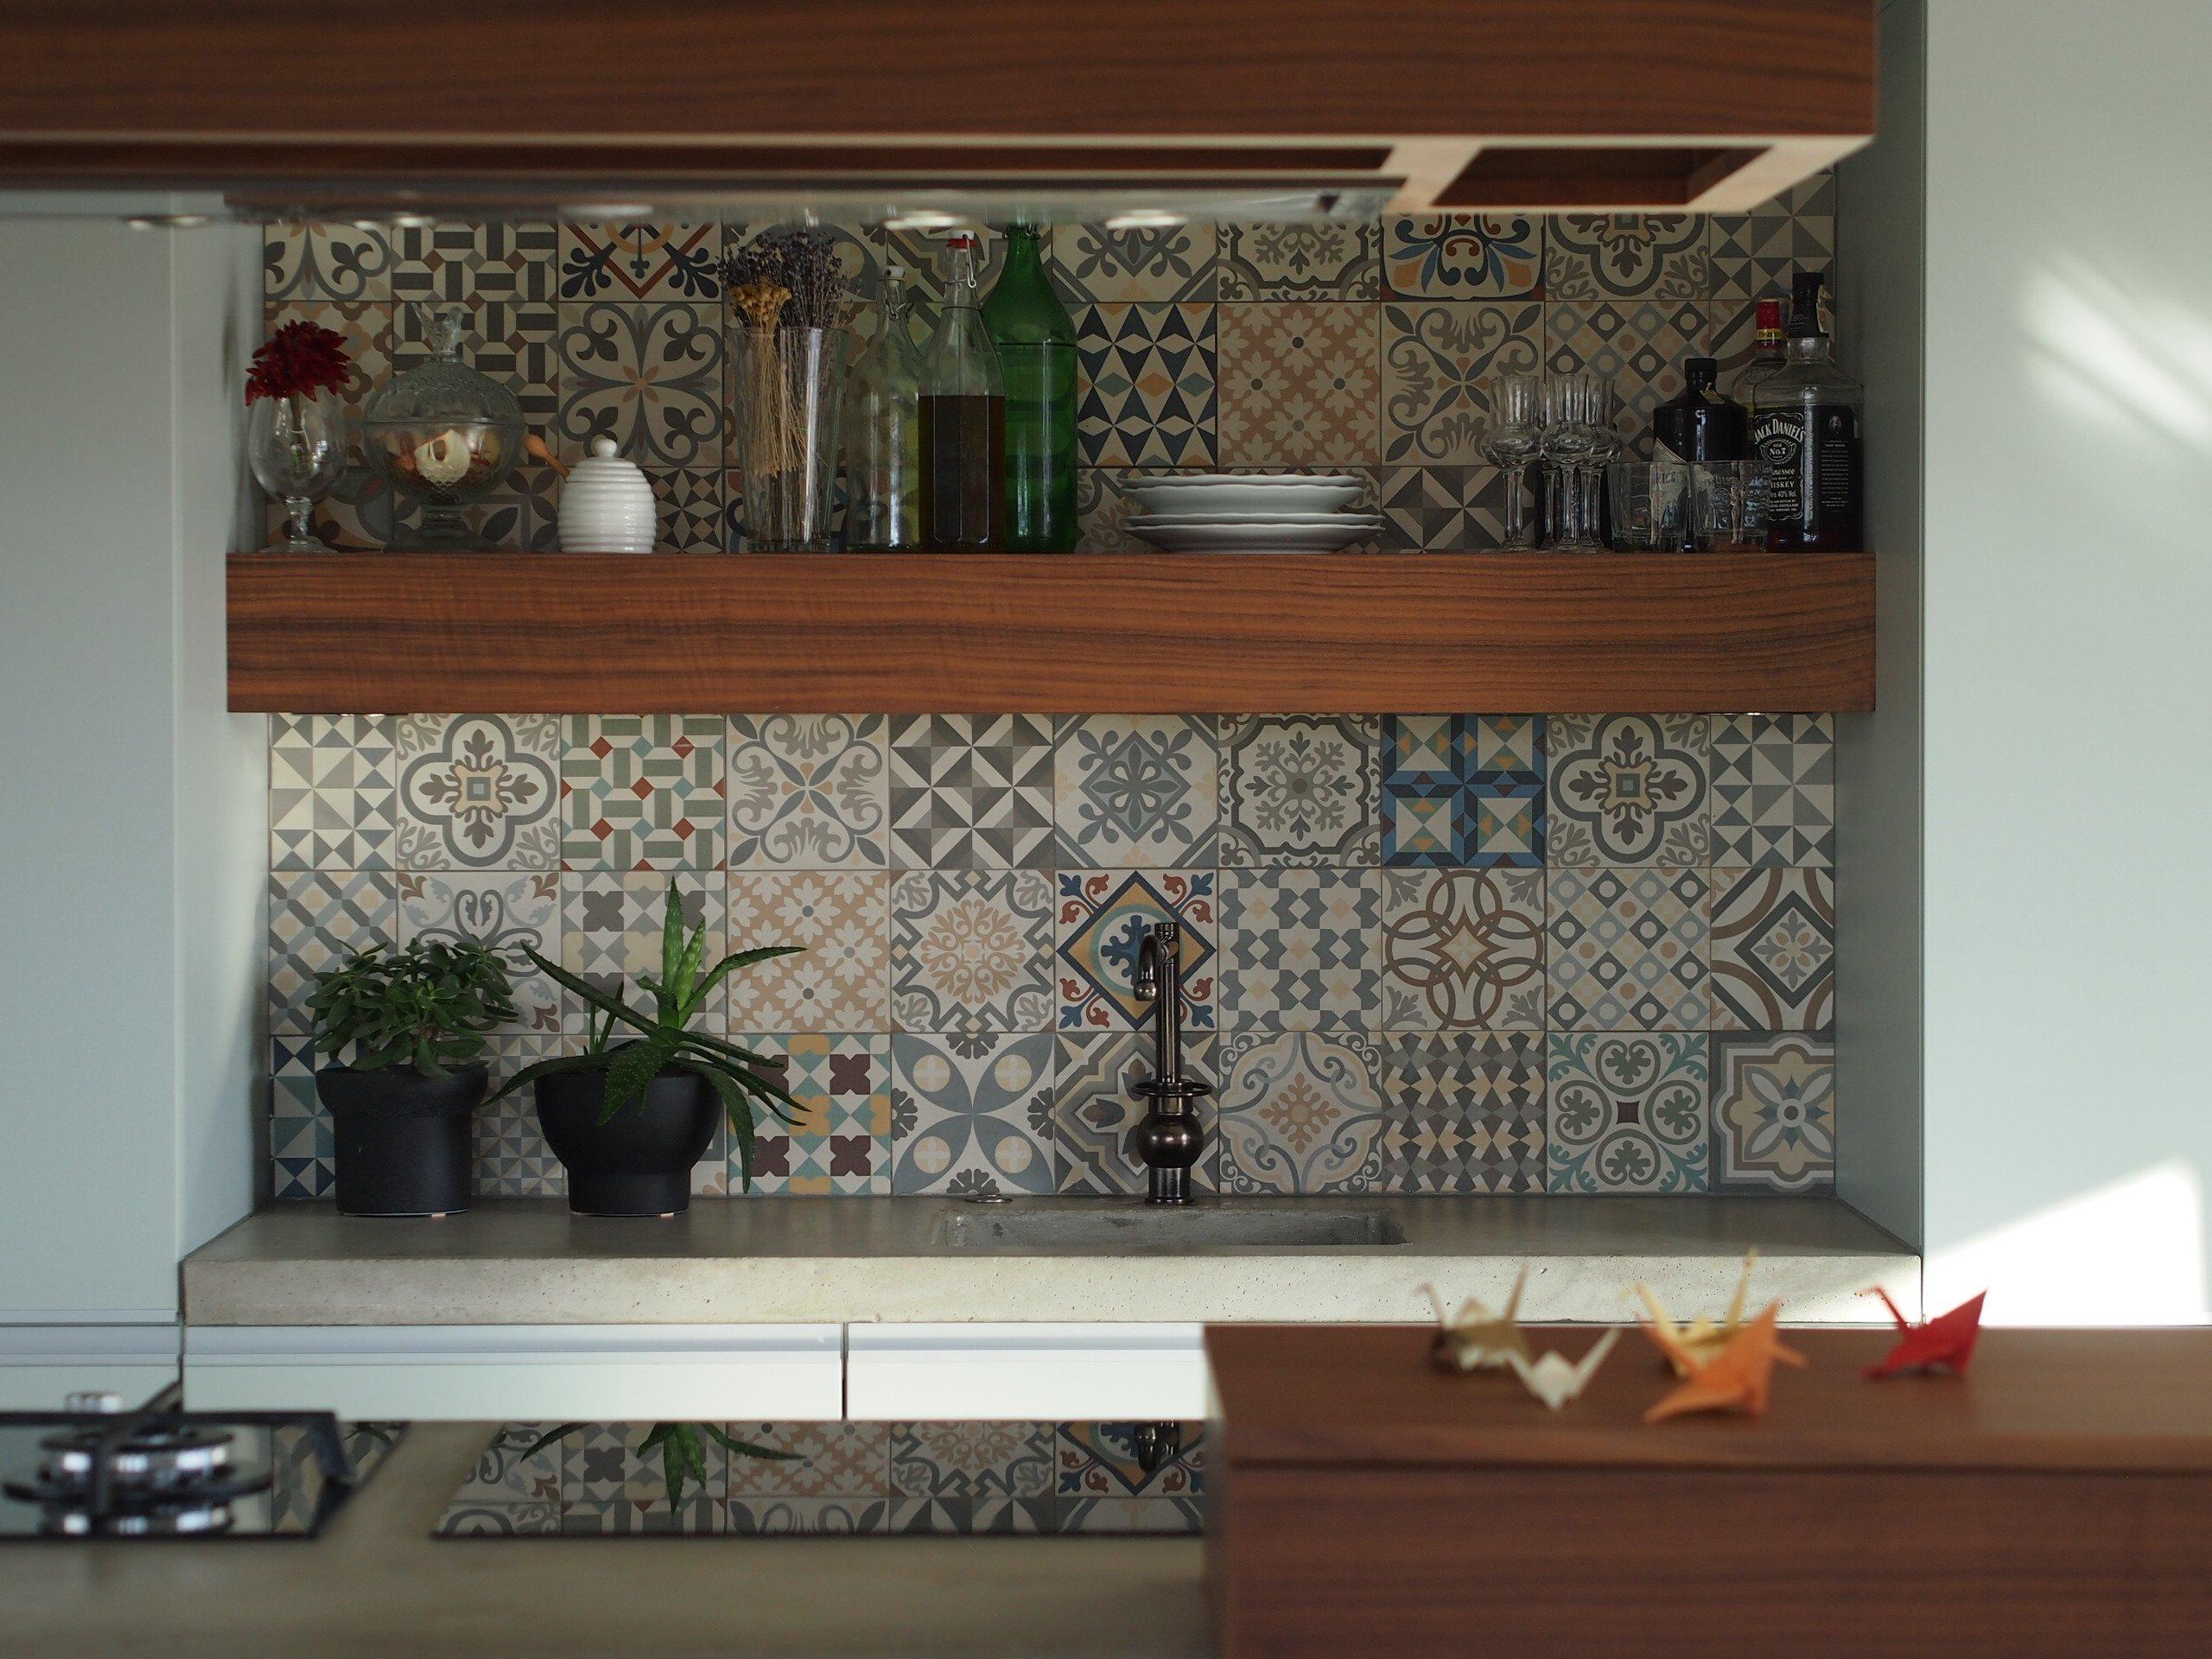 Odvaha majitele kombinovat zdánlivě nezkombinovatelné dala vzniknout moderní a zároveň osobité kuchyni. Obklad ve španělském stylu, červená barva podtrhující…